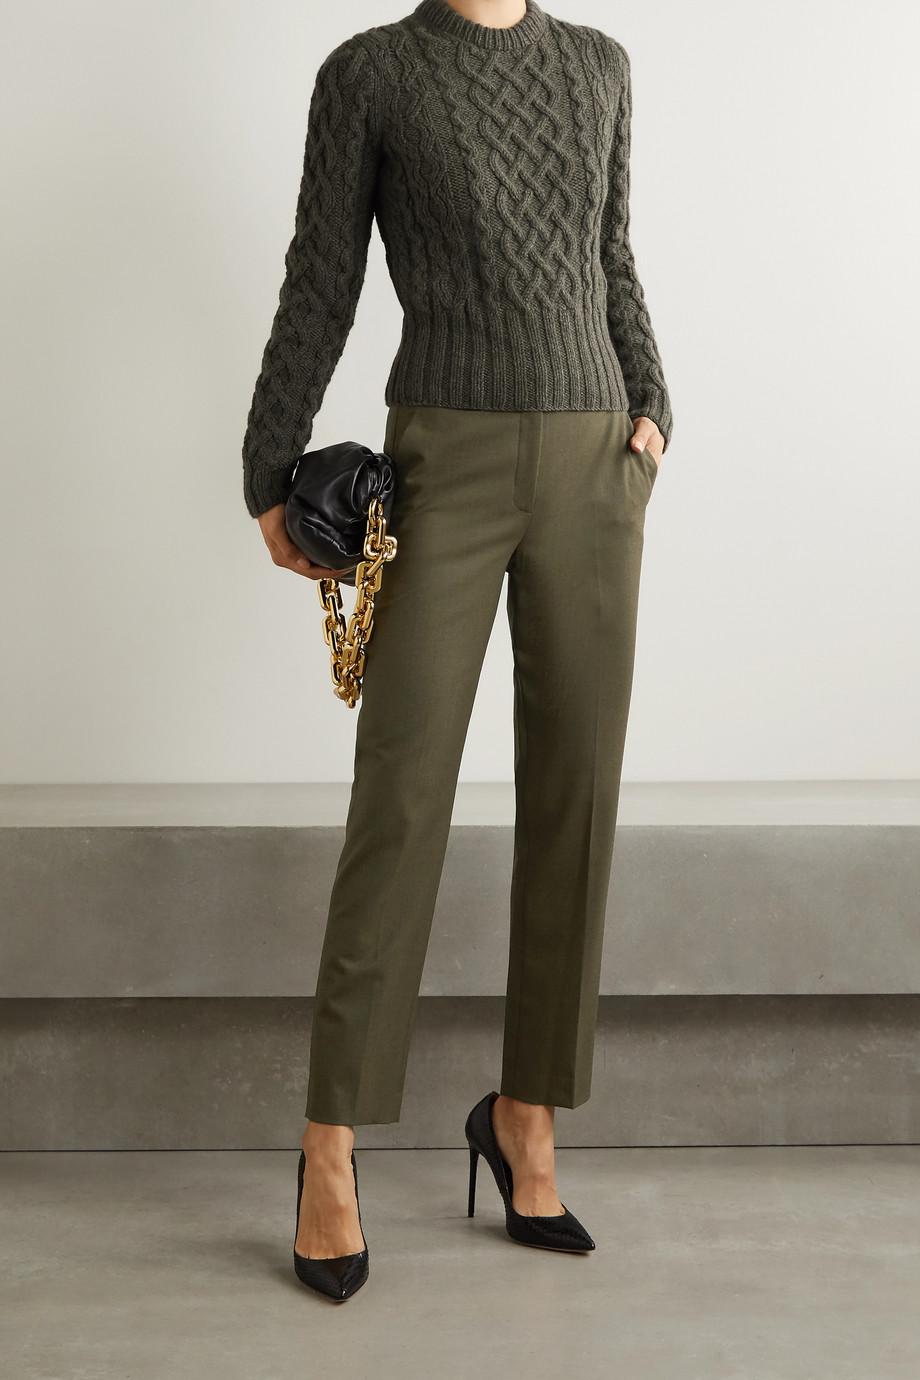 Michael Kors Collection Samantha Hose mit schmalem Bein aus einer Wollmischung